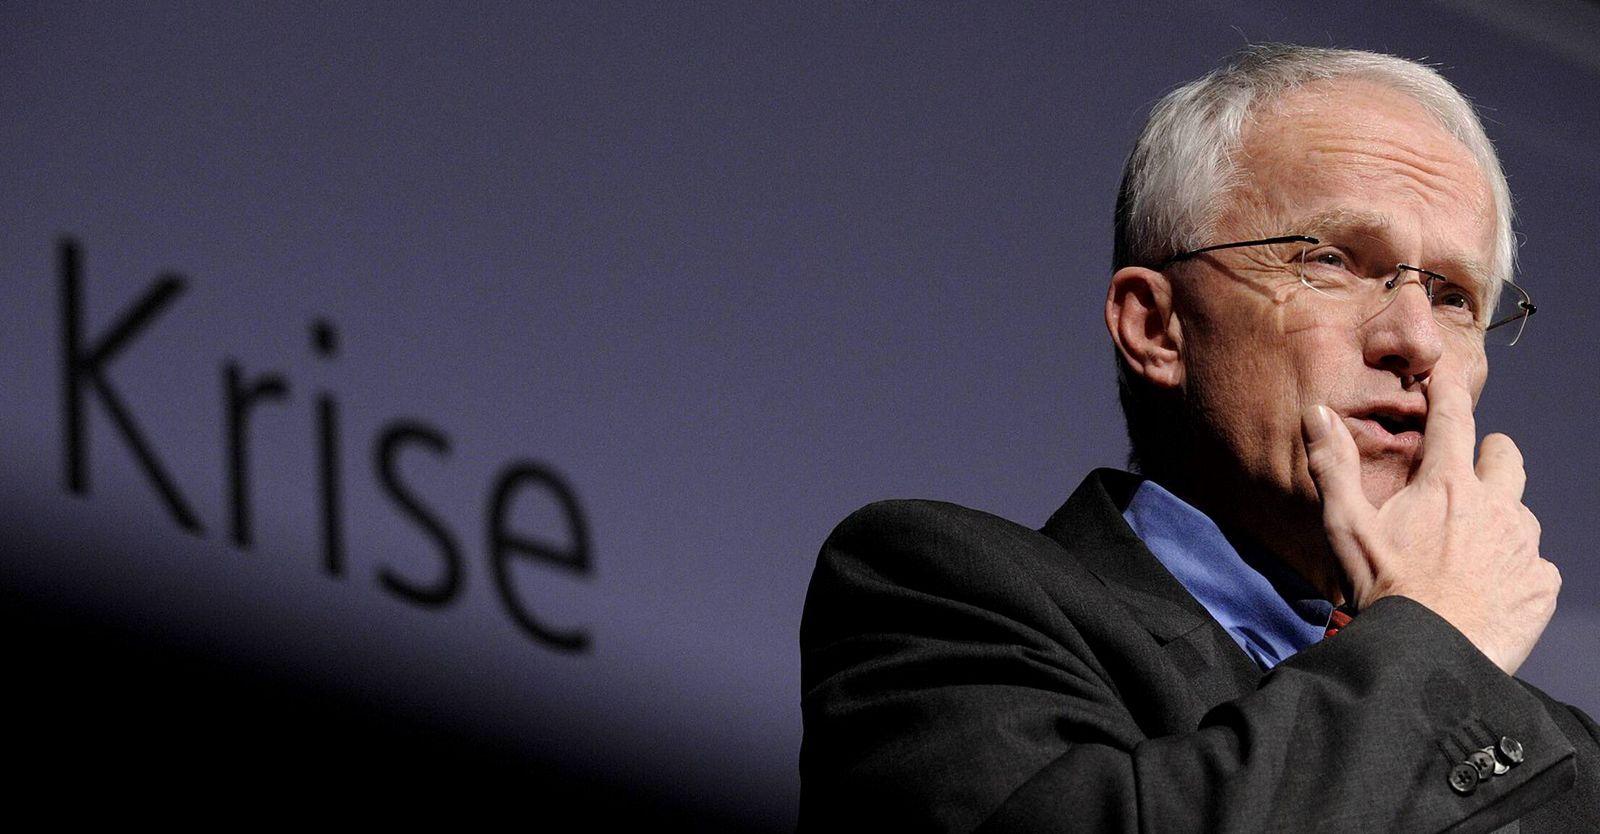 NICHT VERWENDEN Ruettgers kandidiert nicht mehr als NRW-Ministerpraesident